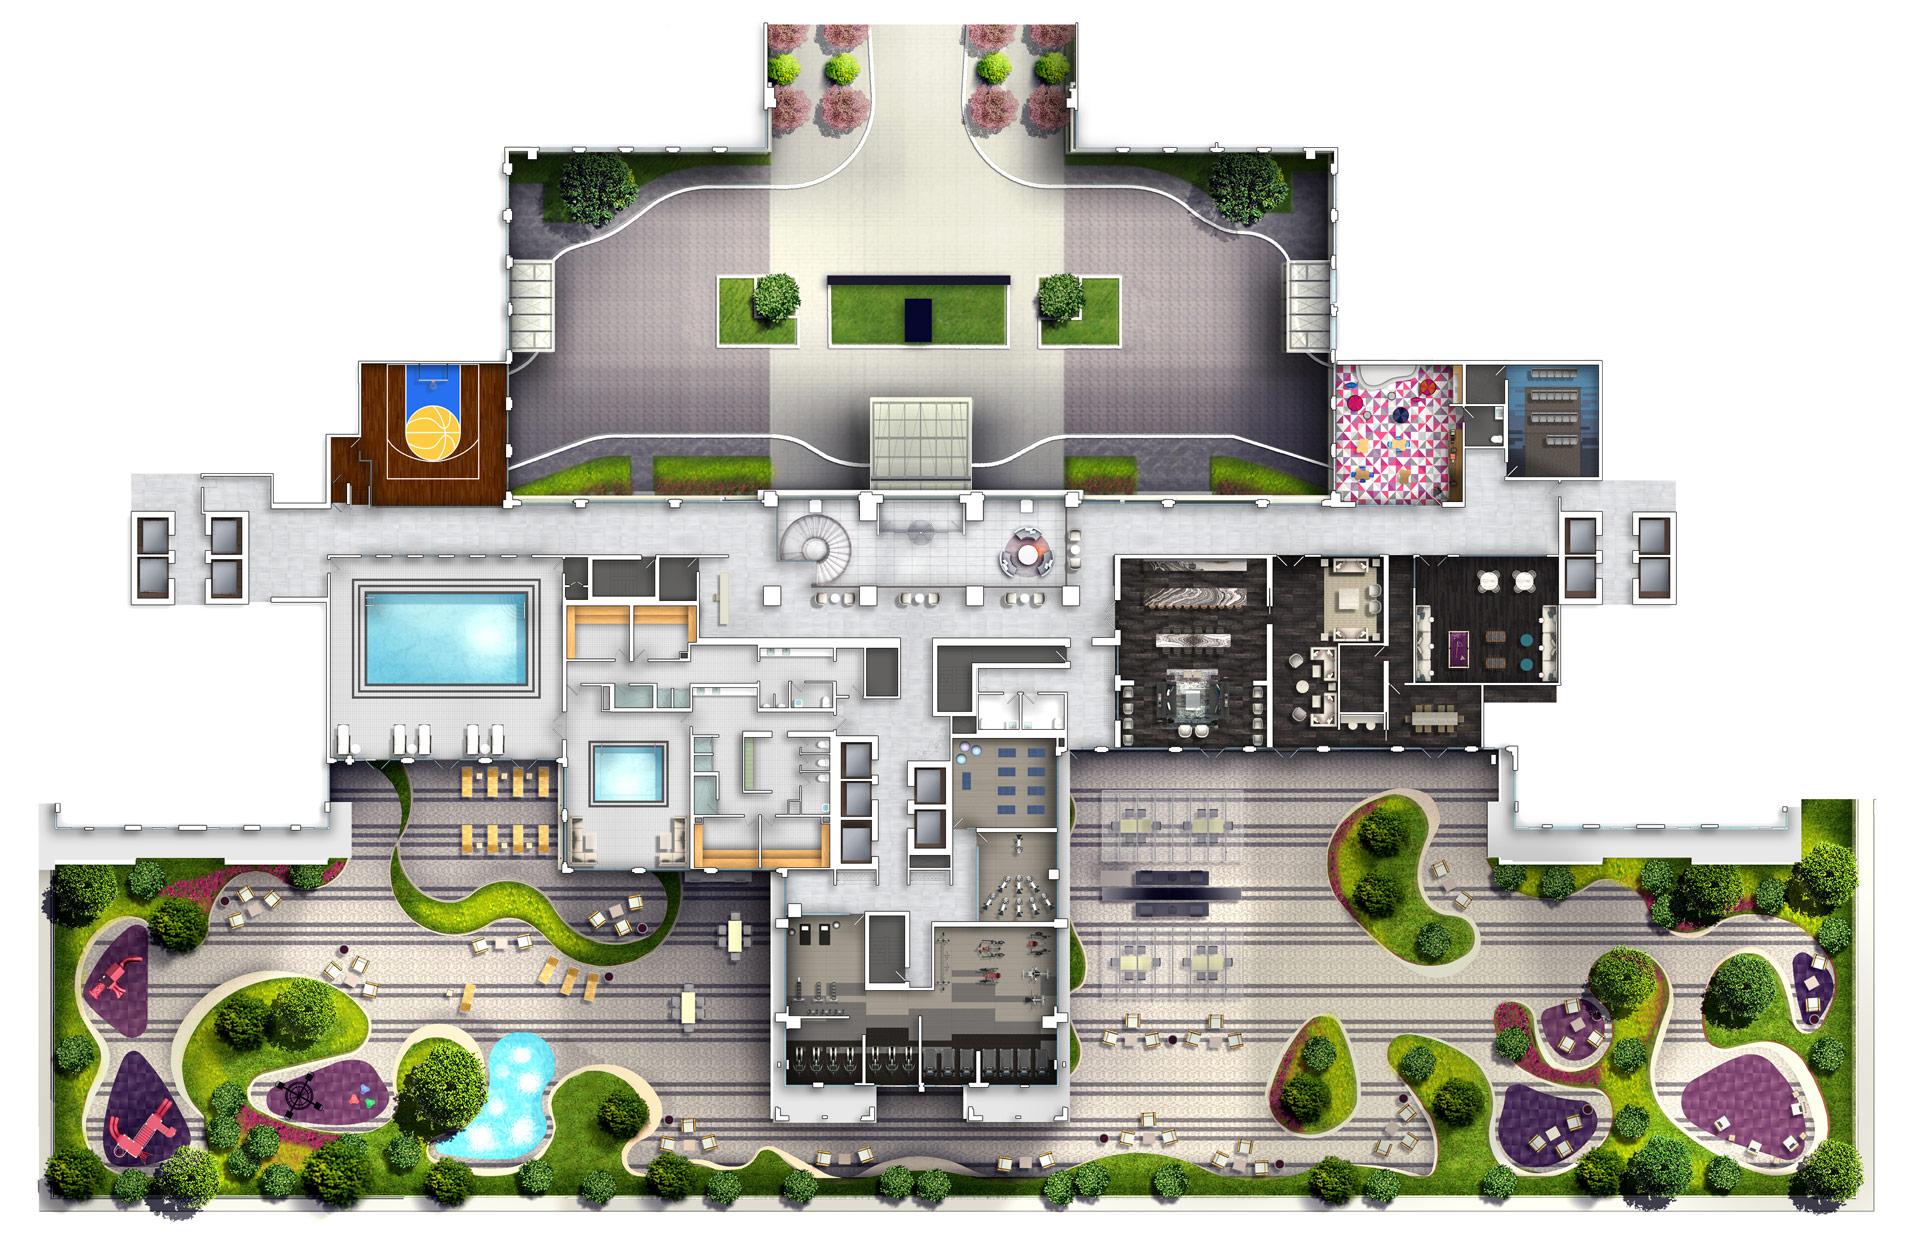 Floor Plans & Site Plans